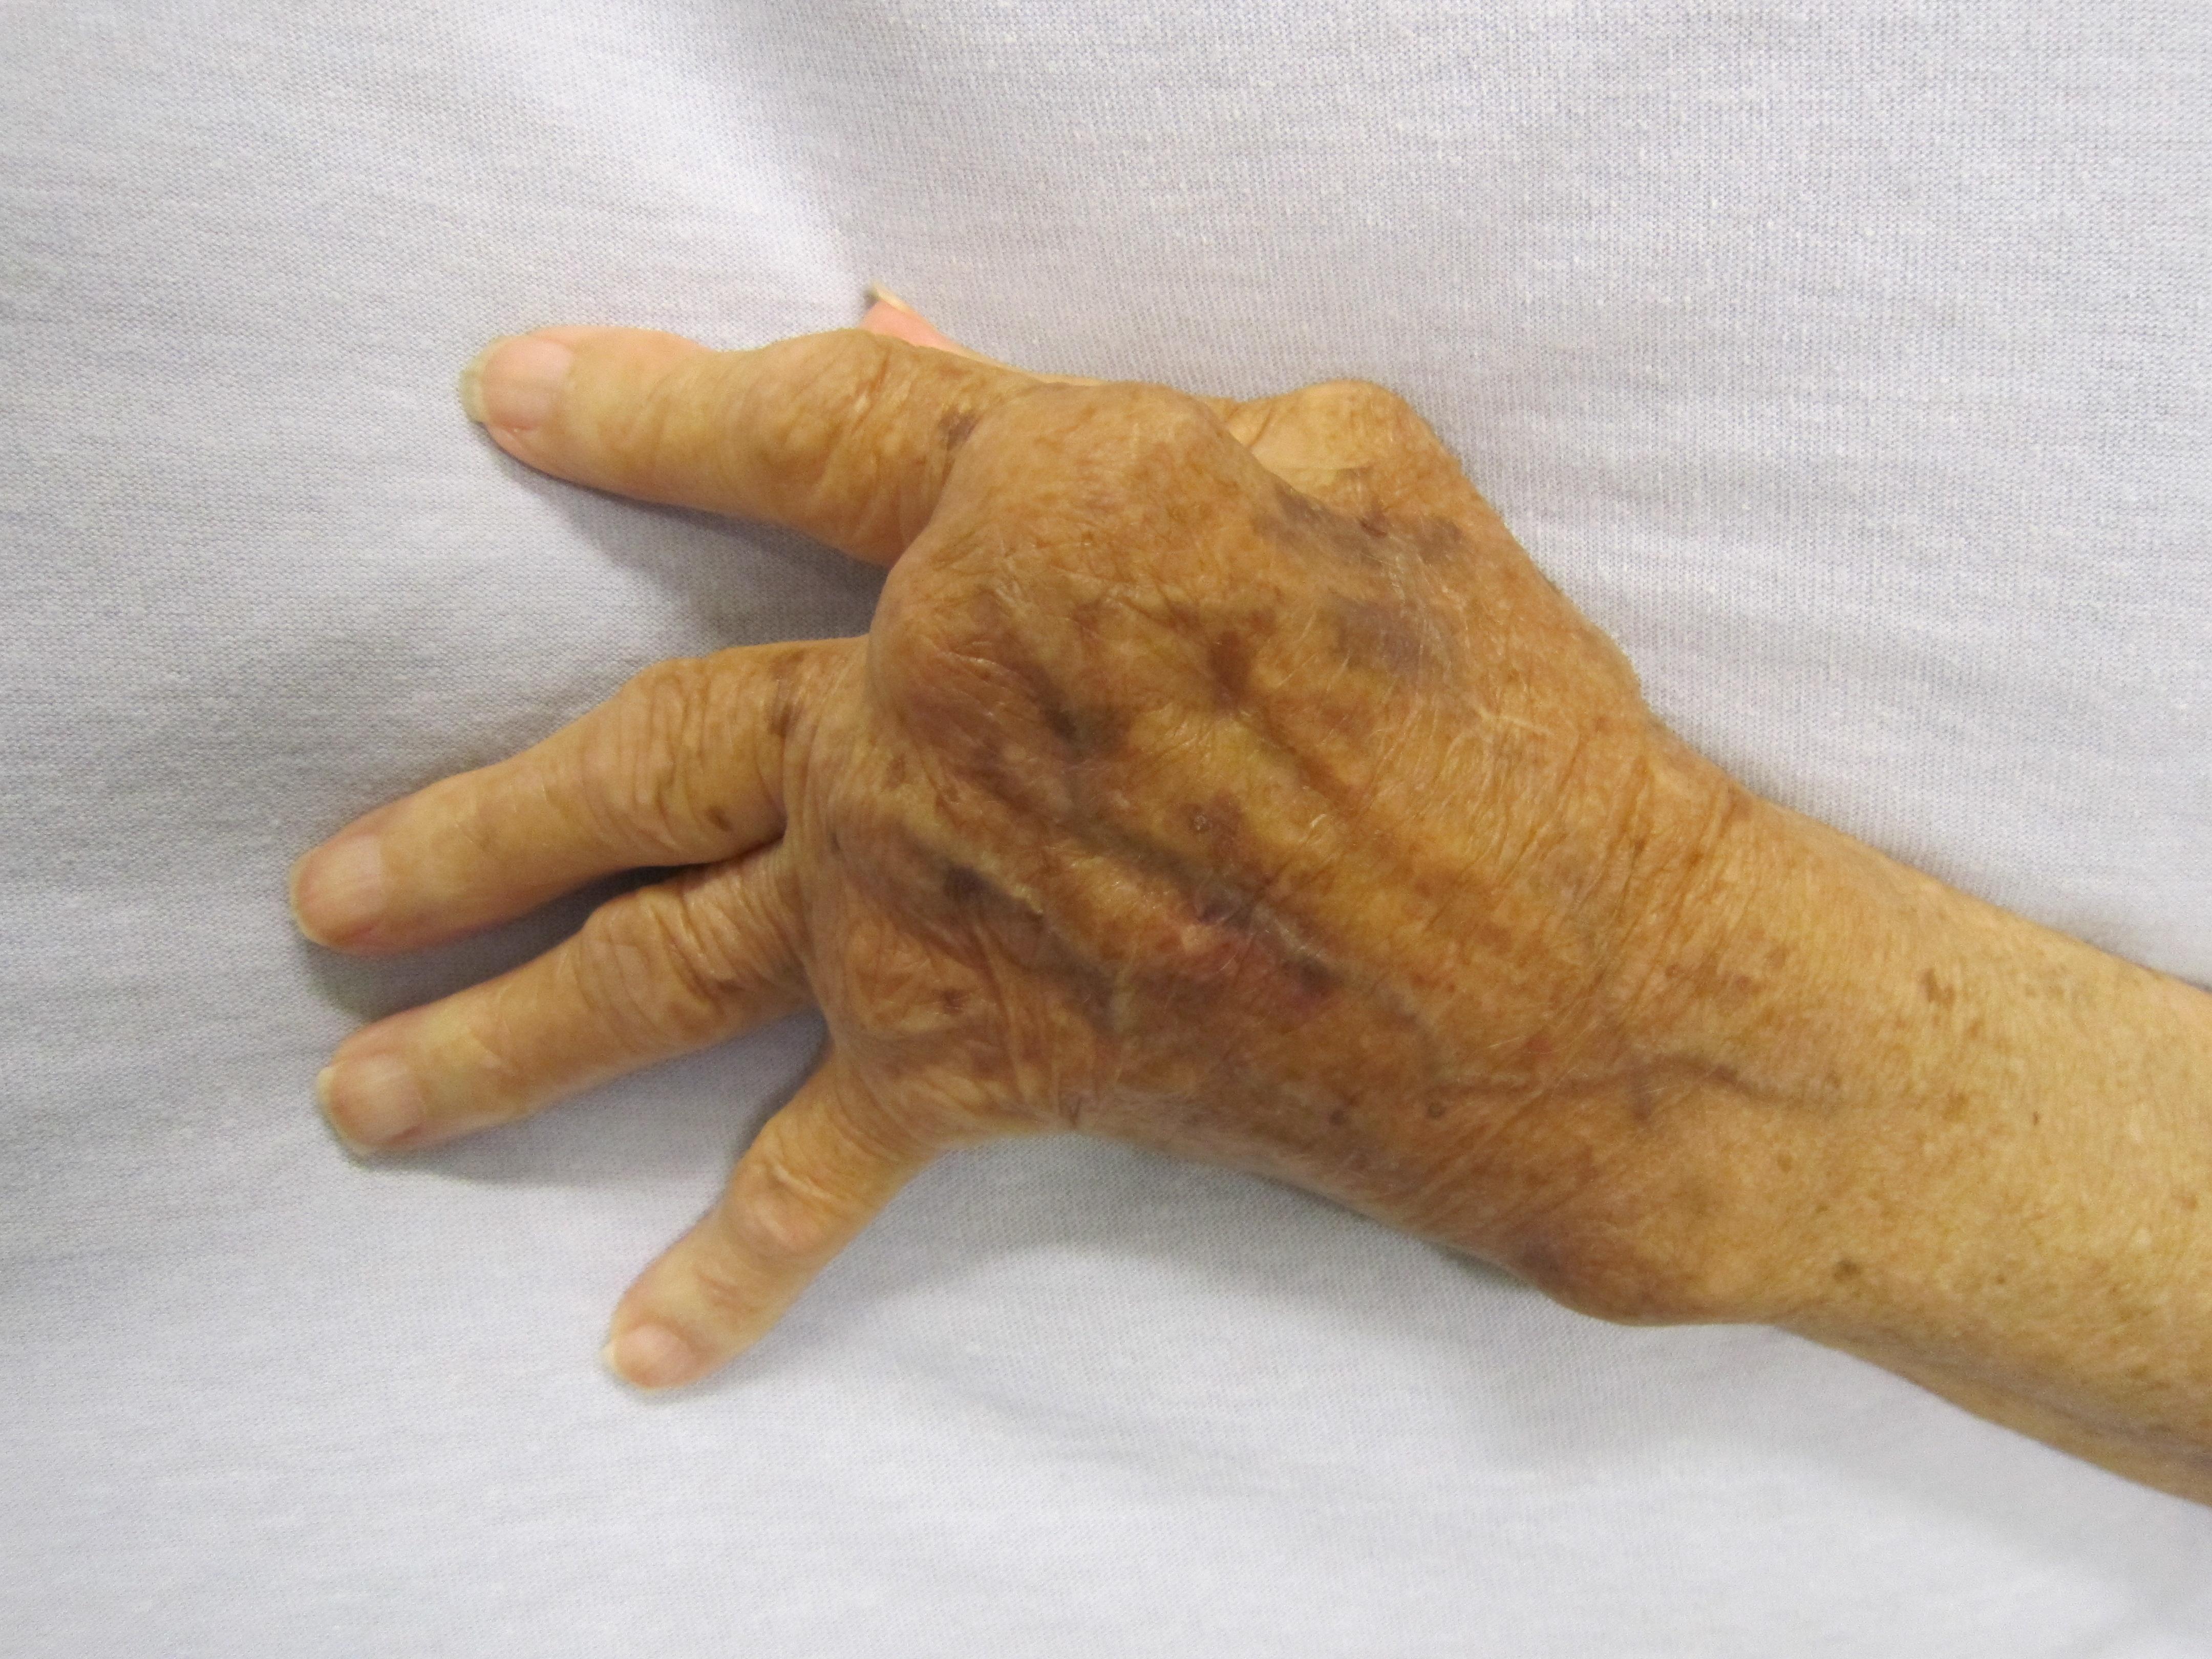 Sharp-szindróma (kevert kötőszöveti betegség) - EgészségKalauz